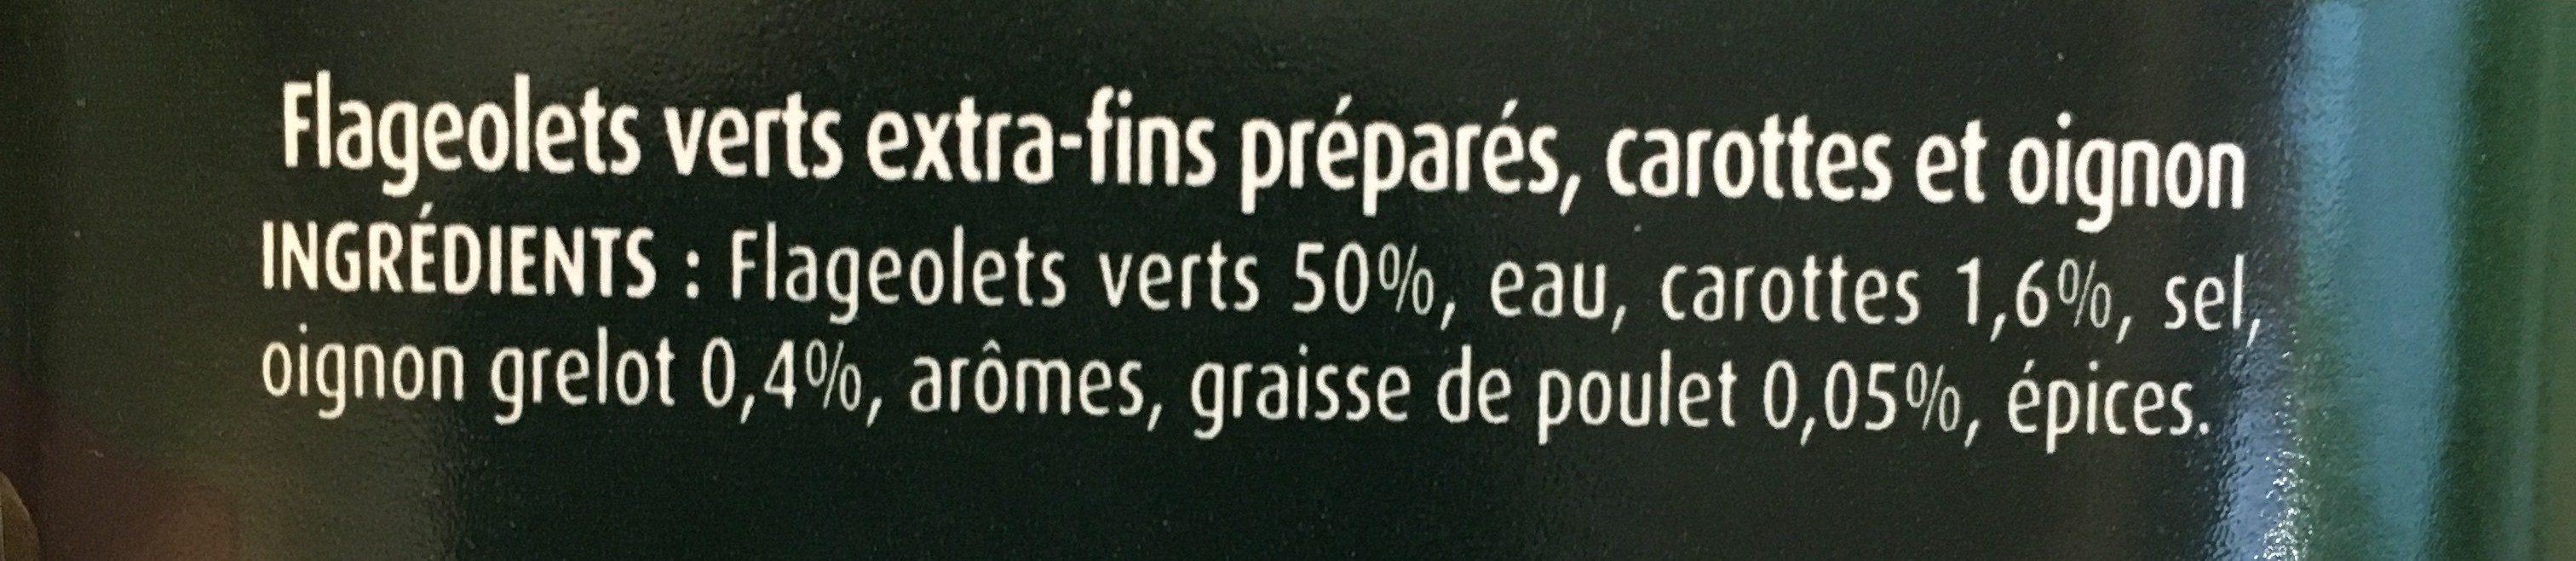 Flageolets cuisinés - sélection extra-fondants - Ingredienti - fr